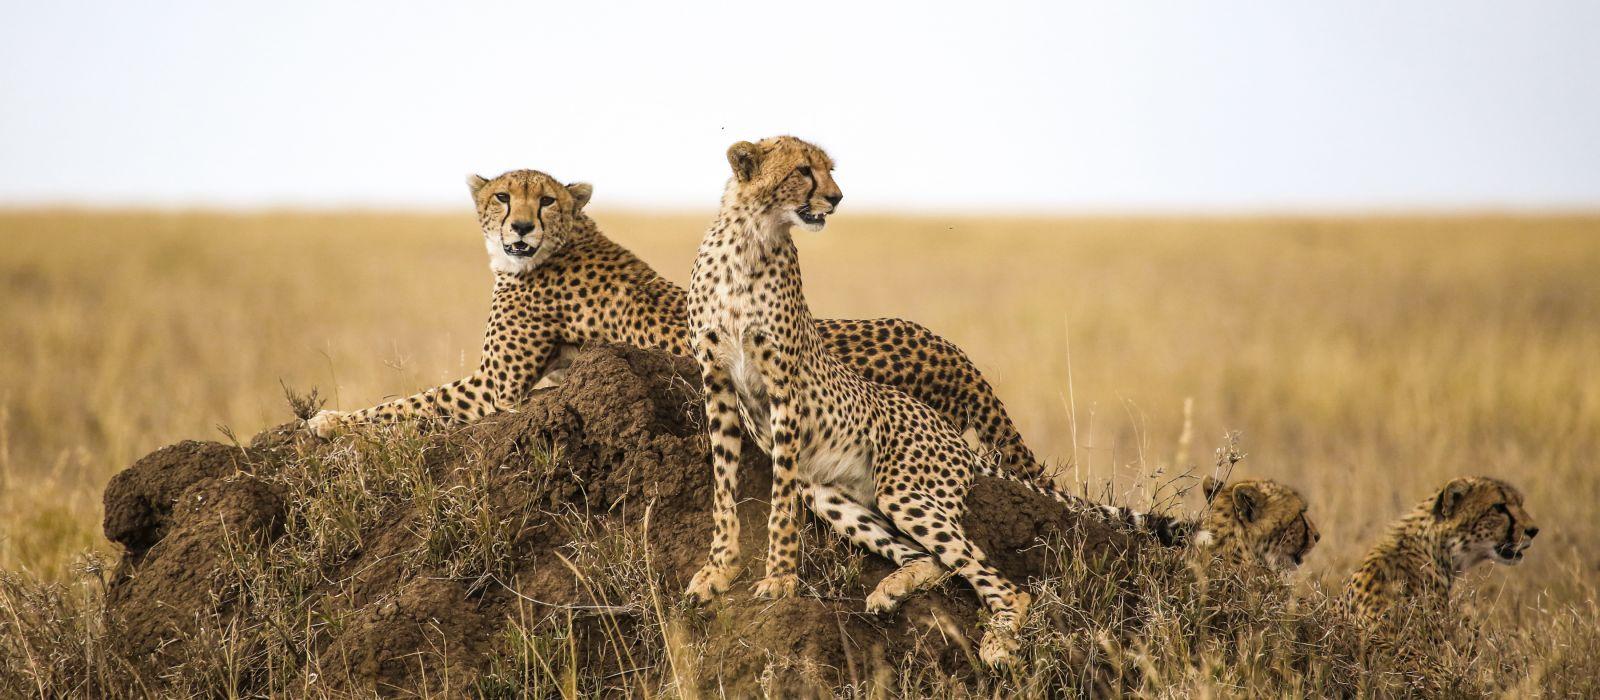 Geparden ruhen auf dem Felsen im Serengeti-Nationalpark, Tansania, Afrika